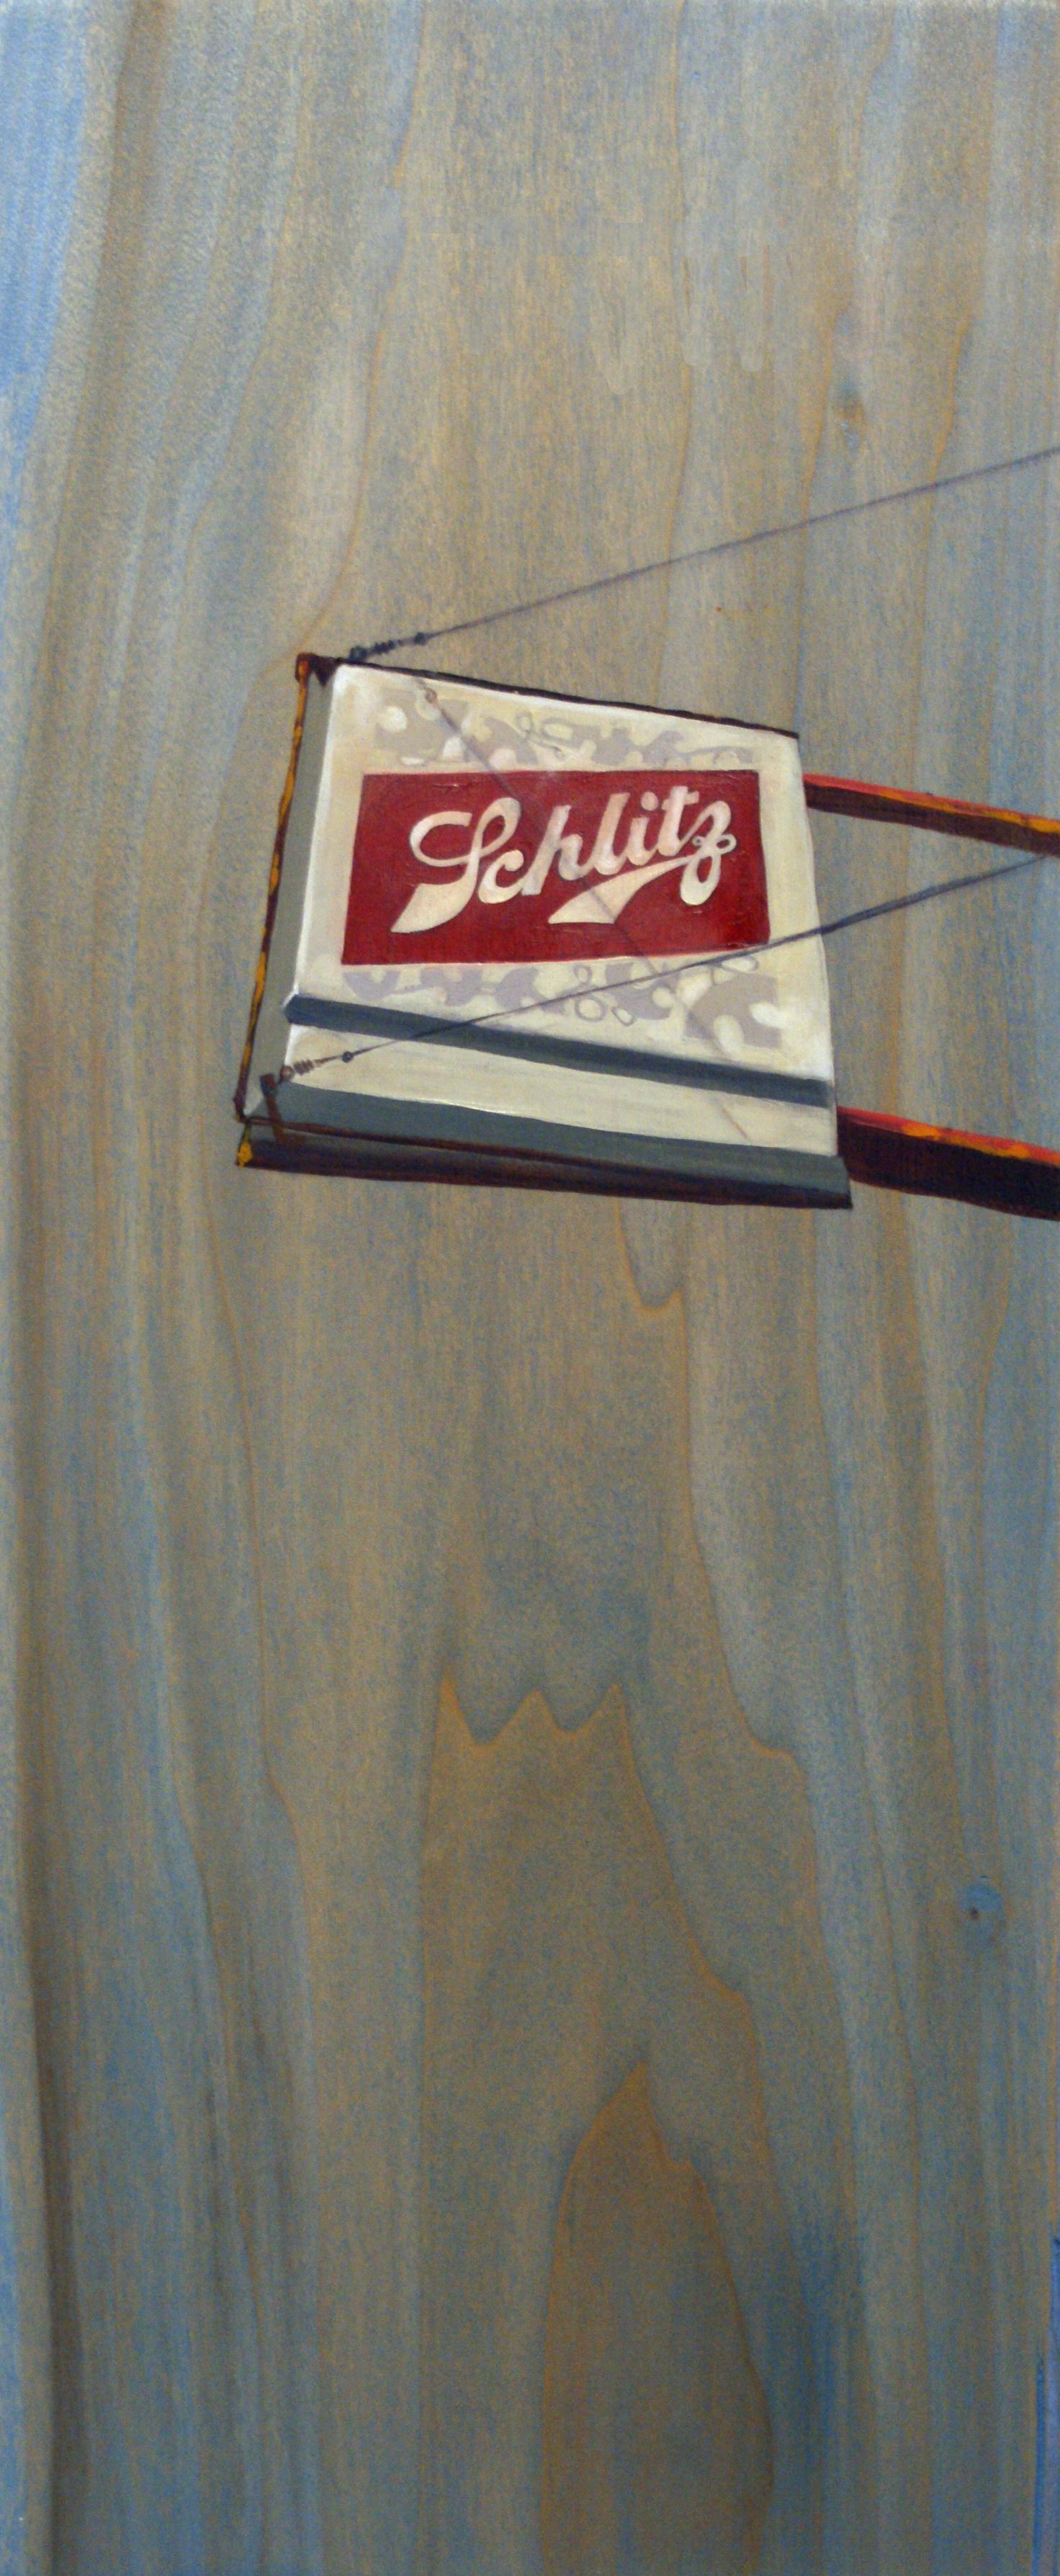 """Schlitz, 18"""" x 8"""", oil and acrylic on wood, 2011"""